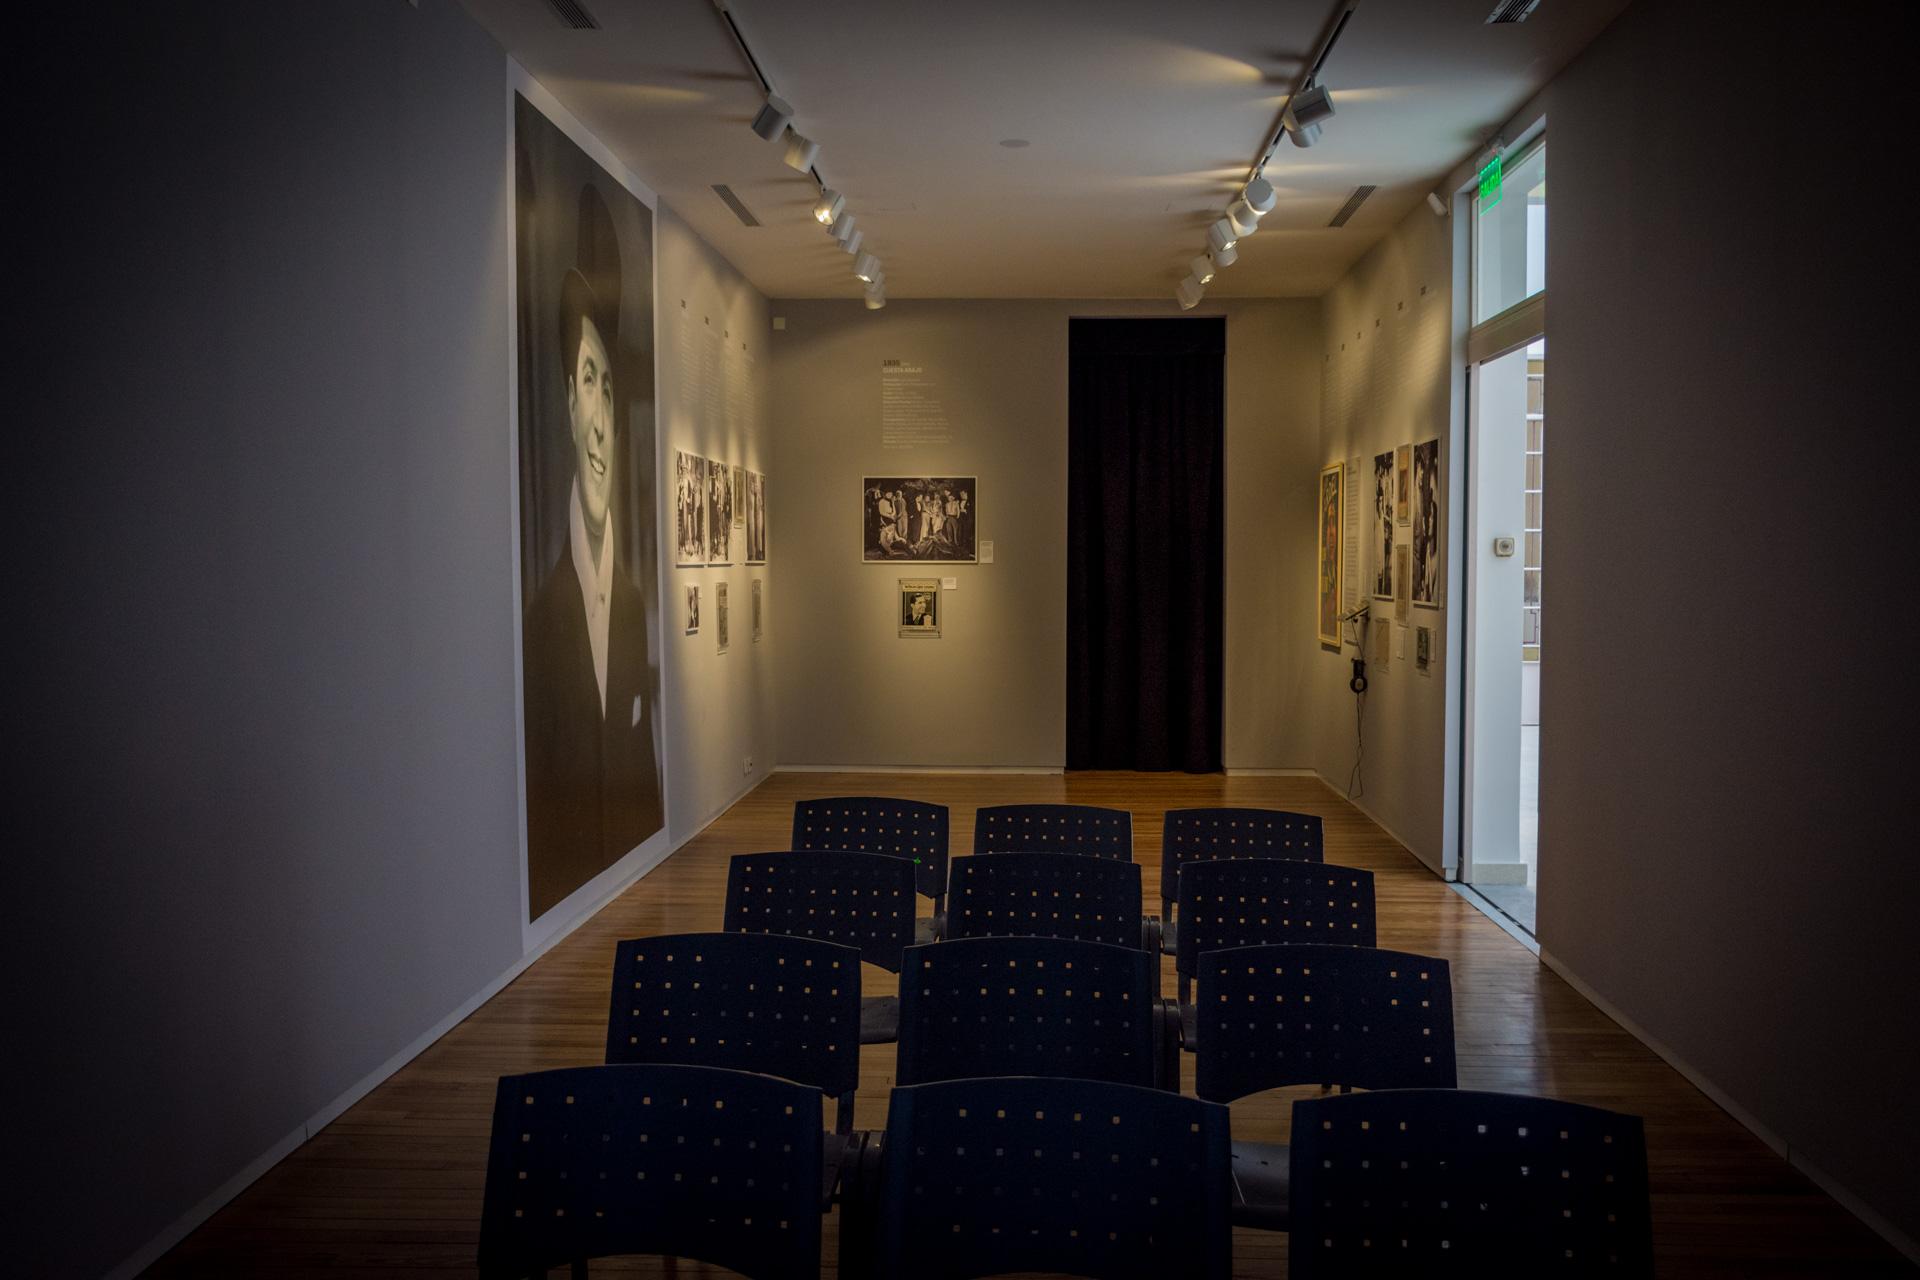 Donde estaban originalmente las habitaciones de la casa, actualmente funciona una sala de cine para 40 personas. (Martín Rosenzveig)